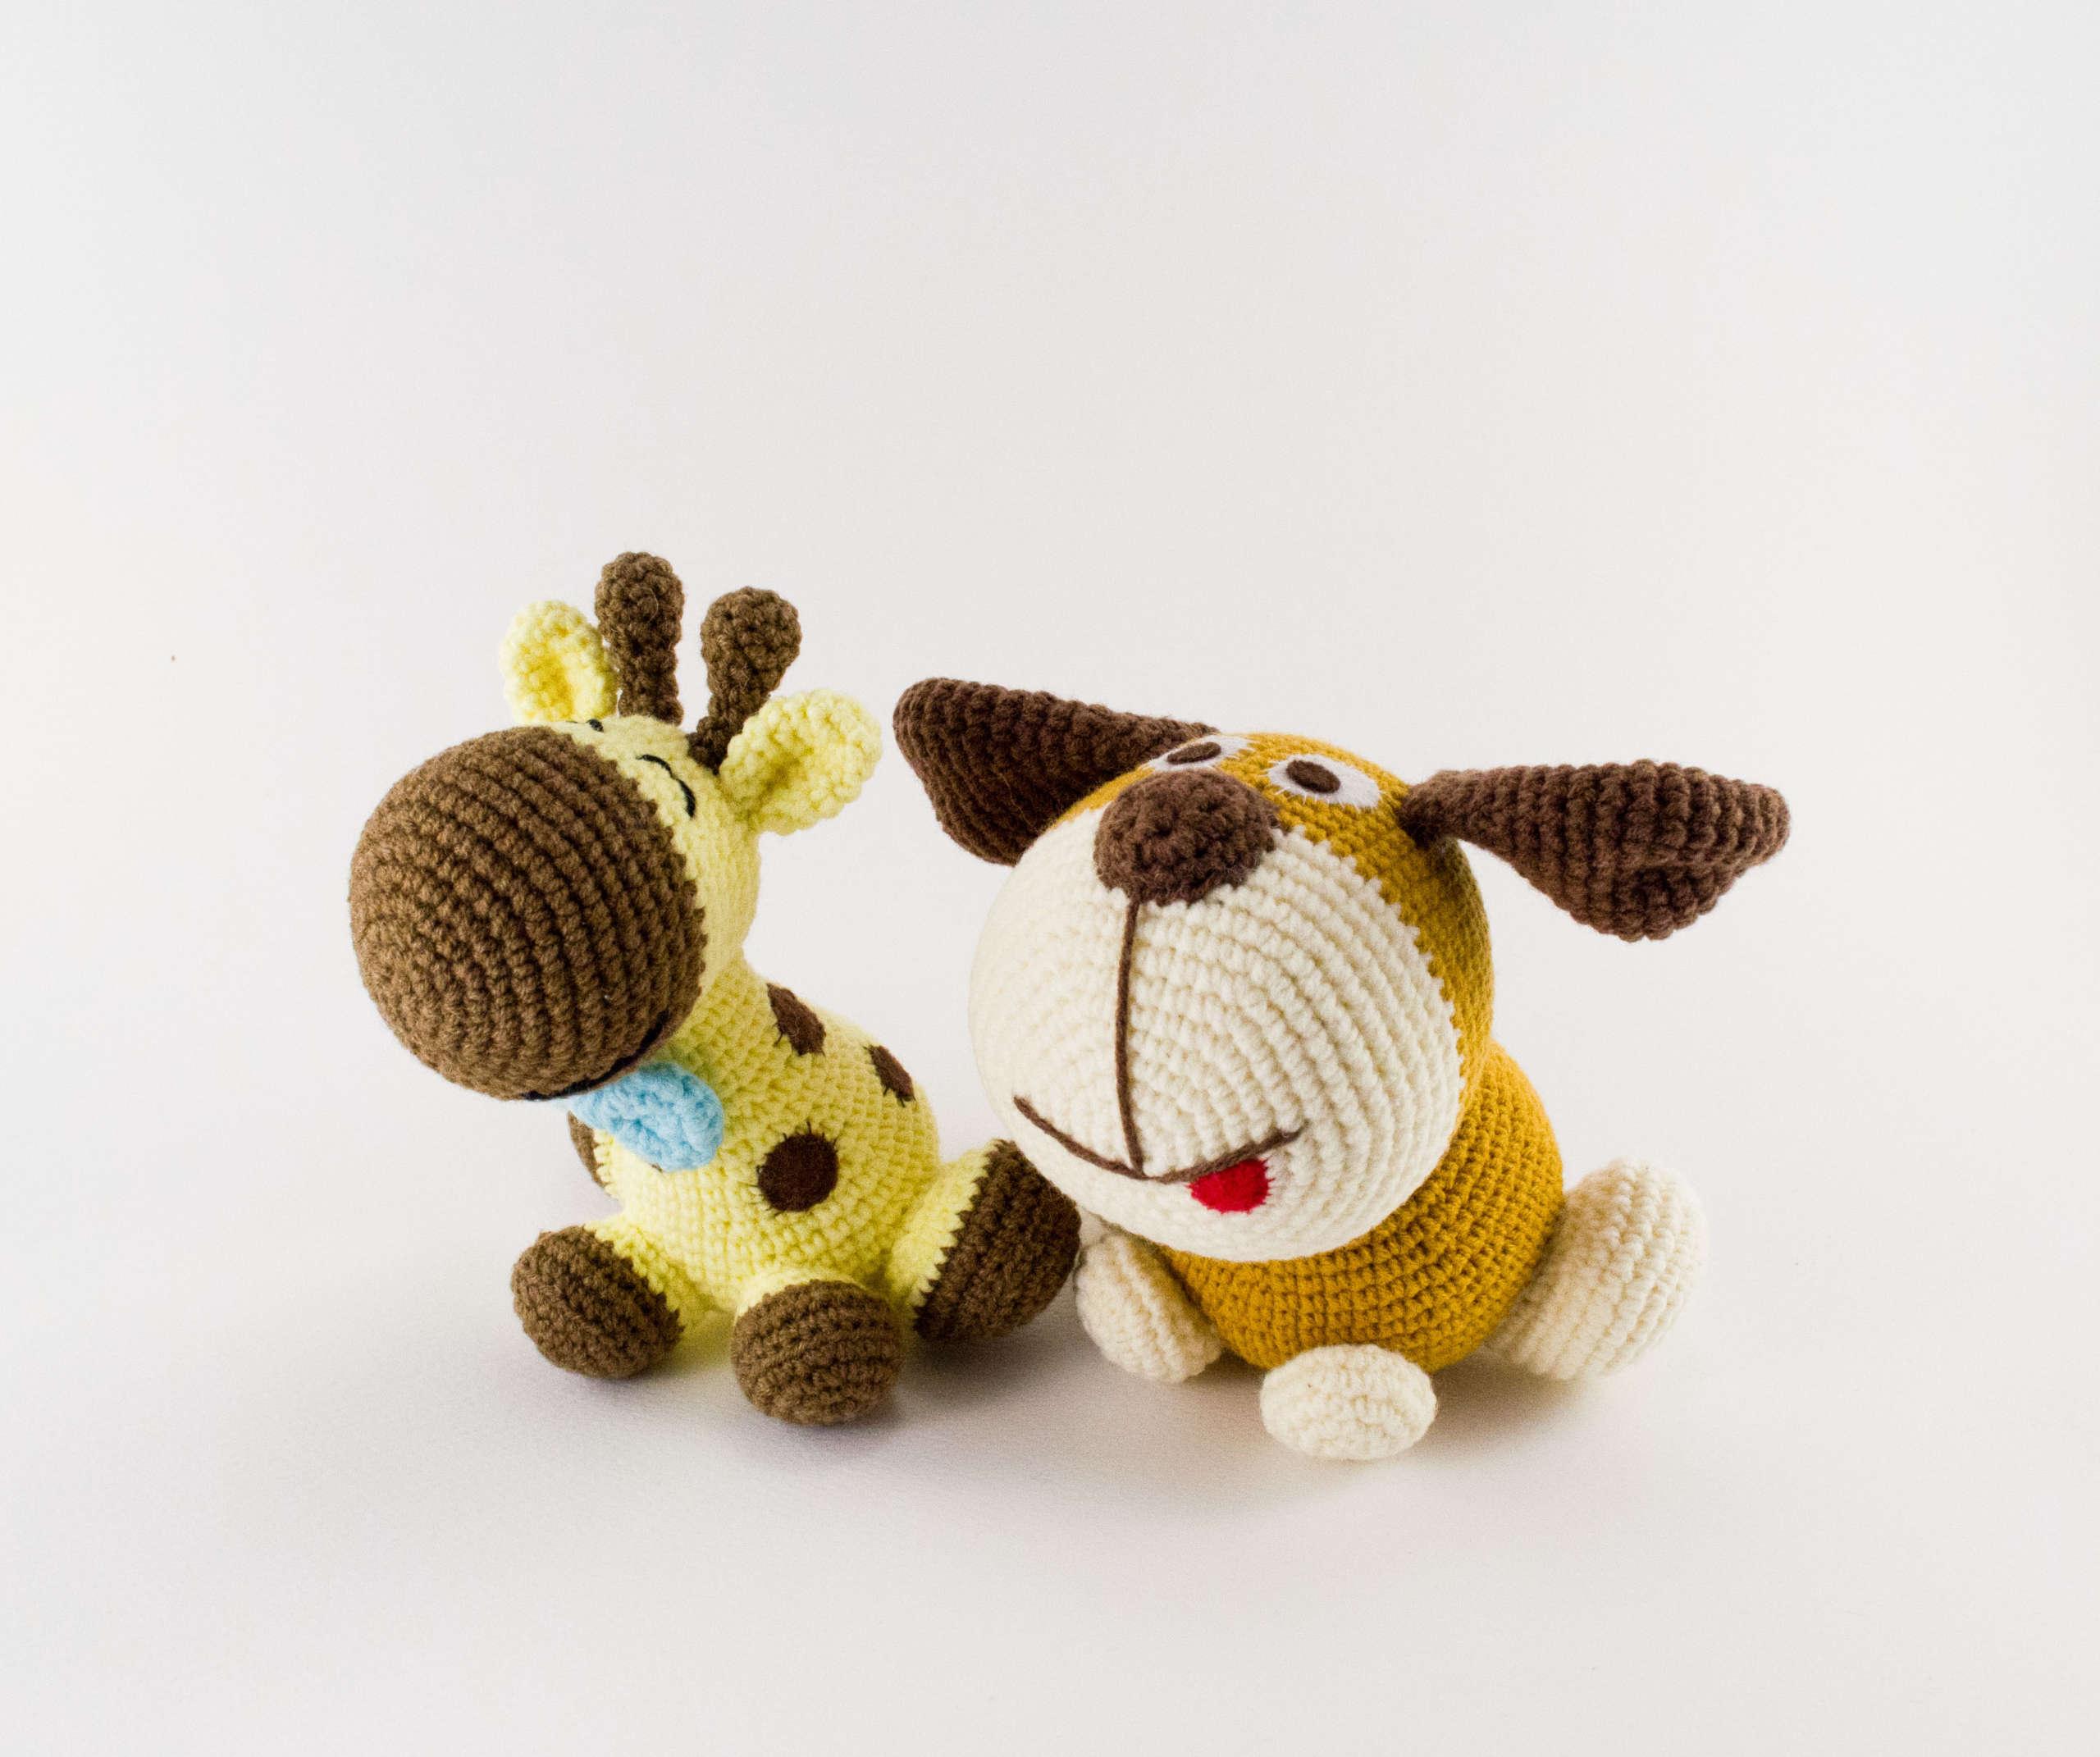 Amazon.com: Dog crochet PATTERN , Amigurumi dog toy , pdf English ... | 1606x1920